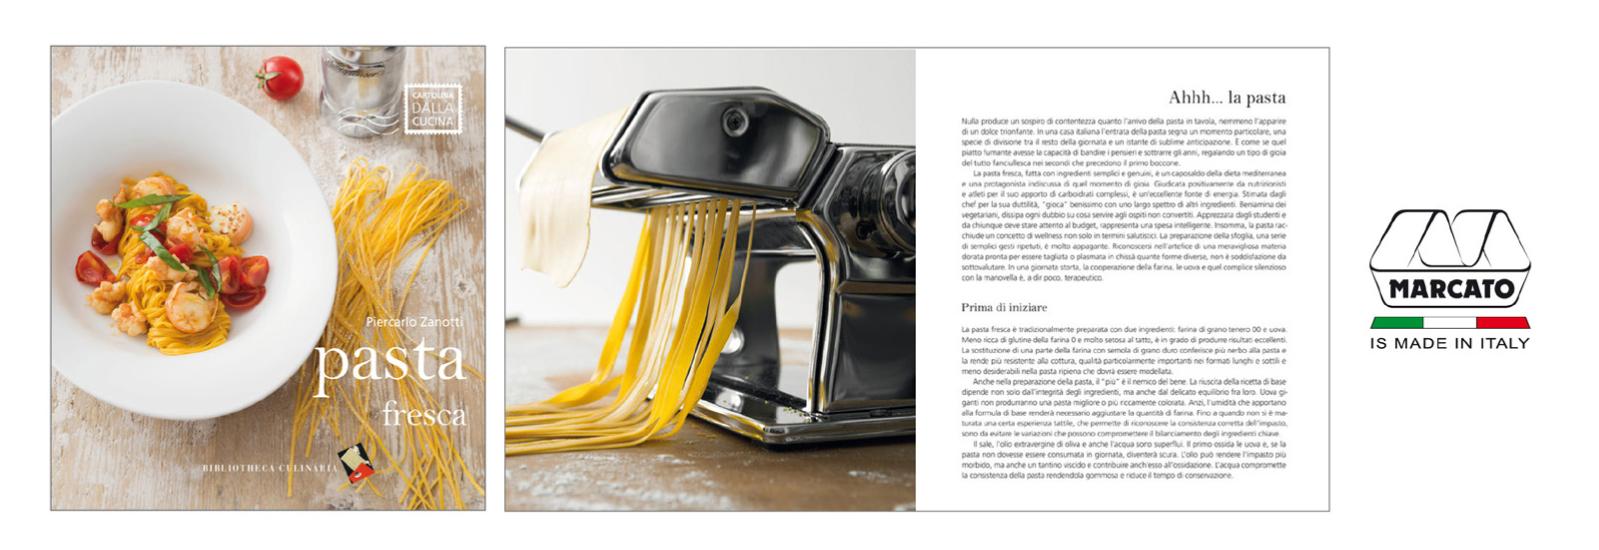 slider-Valorizzazioni-pasta-fresca